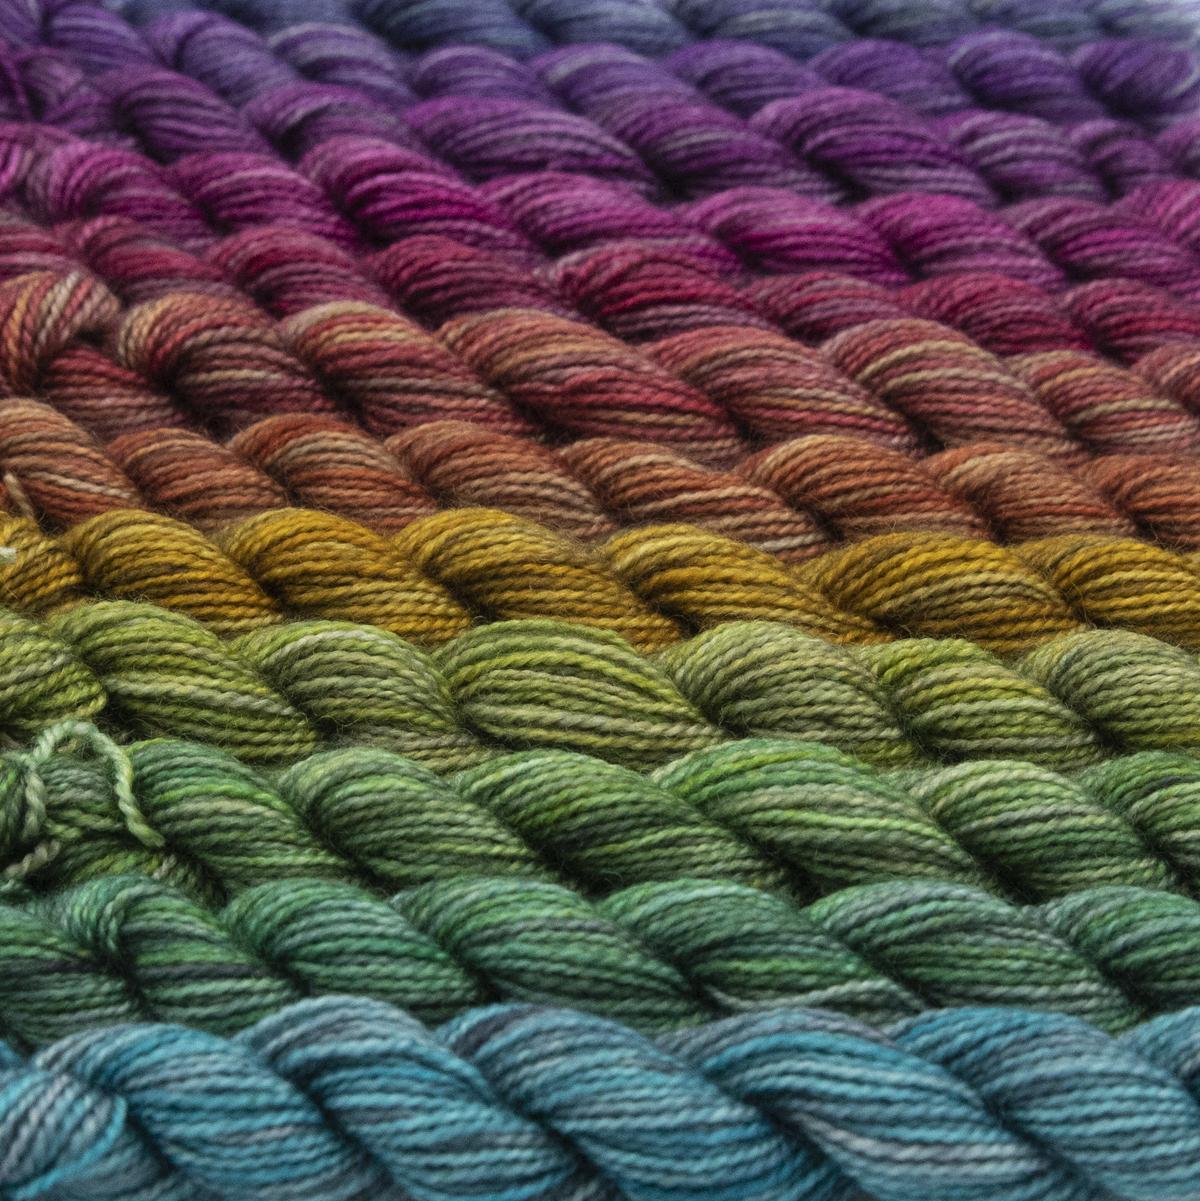 mini skeins of bfl nylon sock yarn in printer ink shades